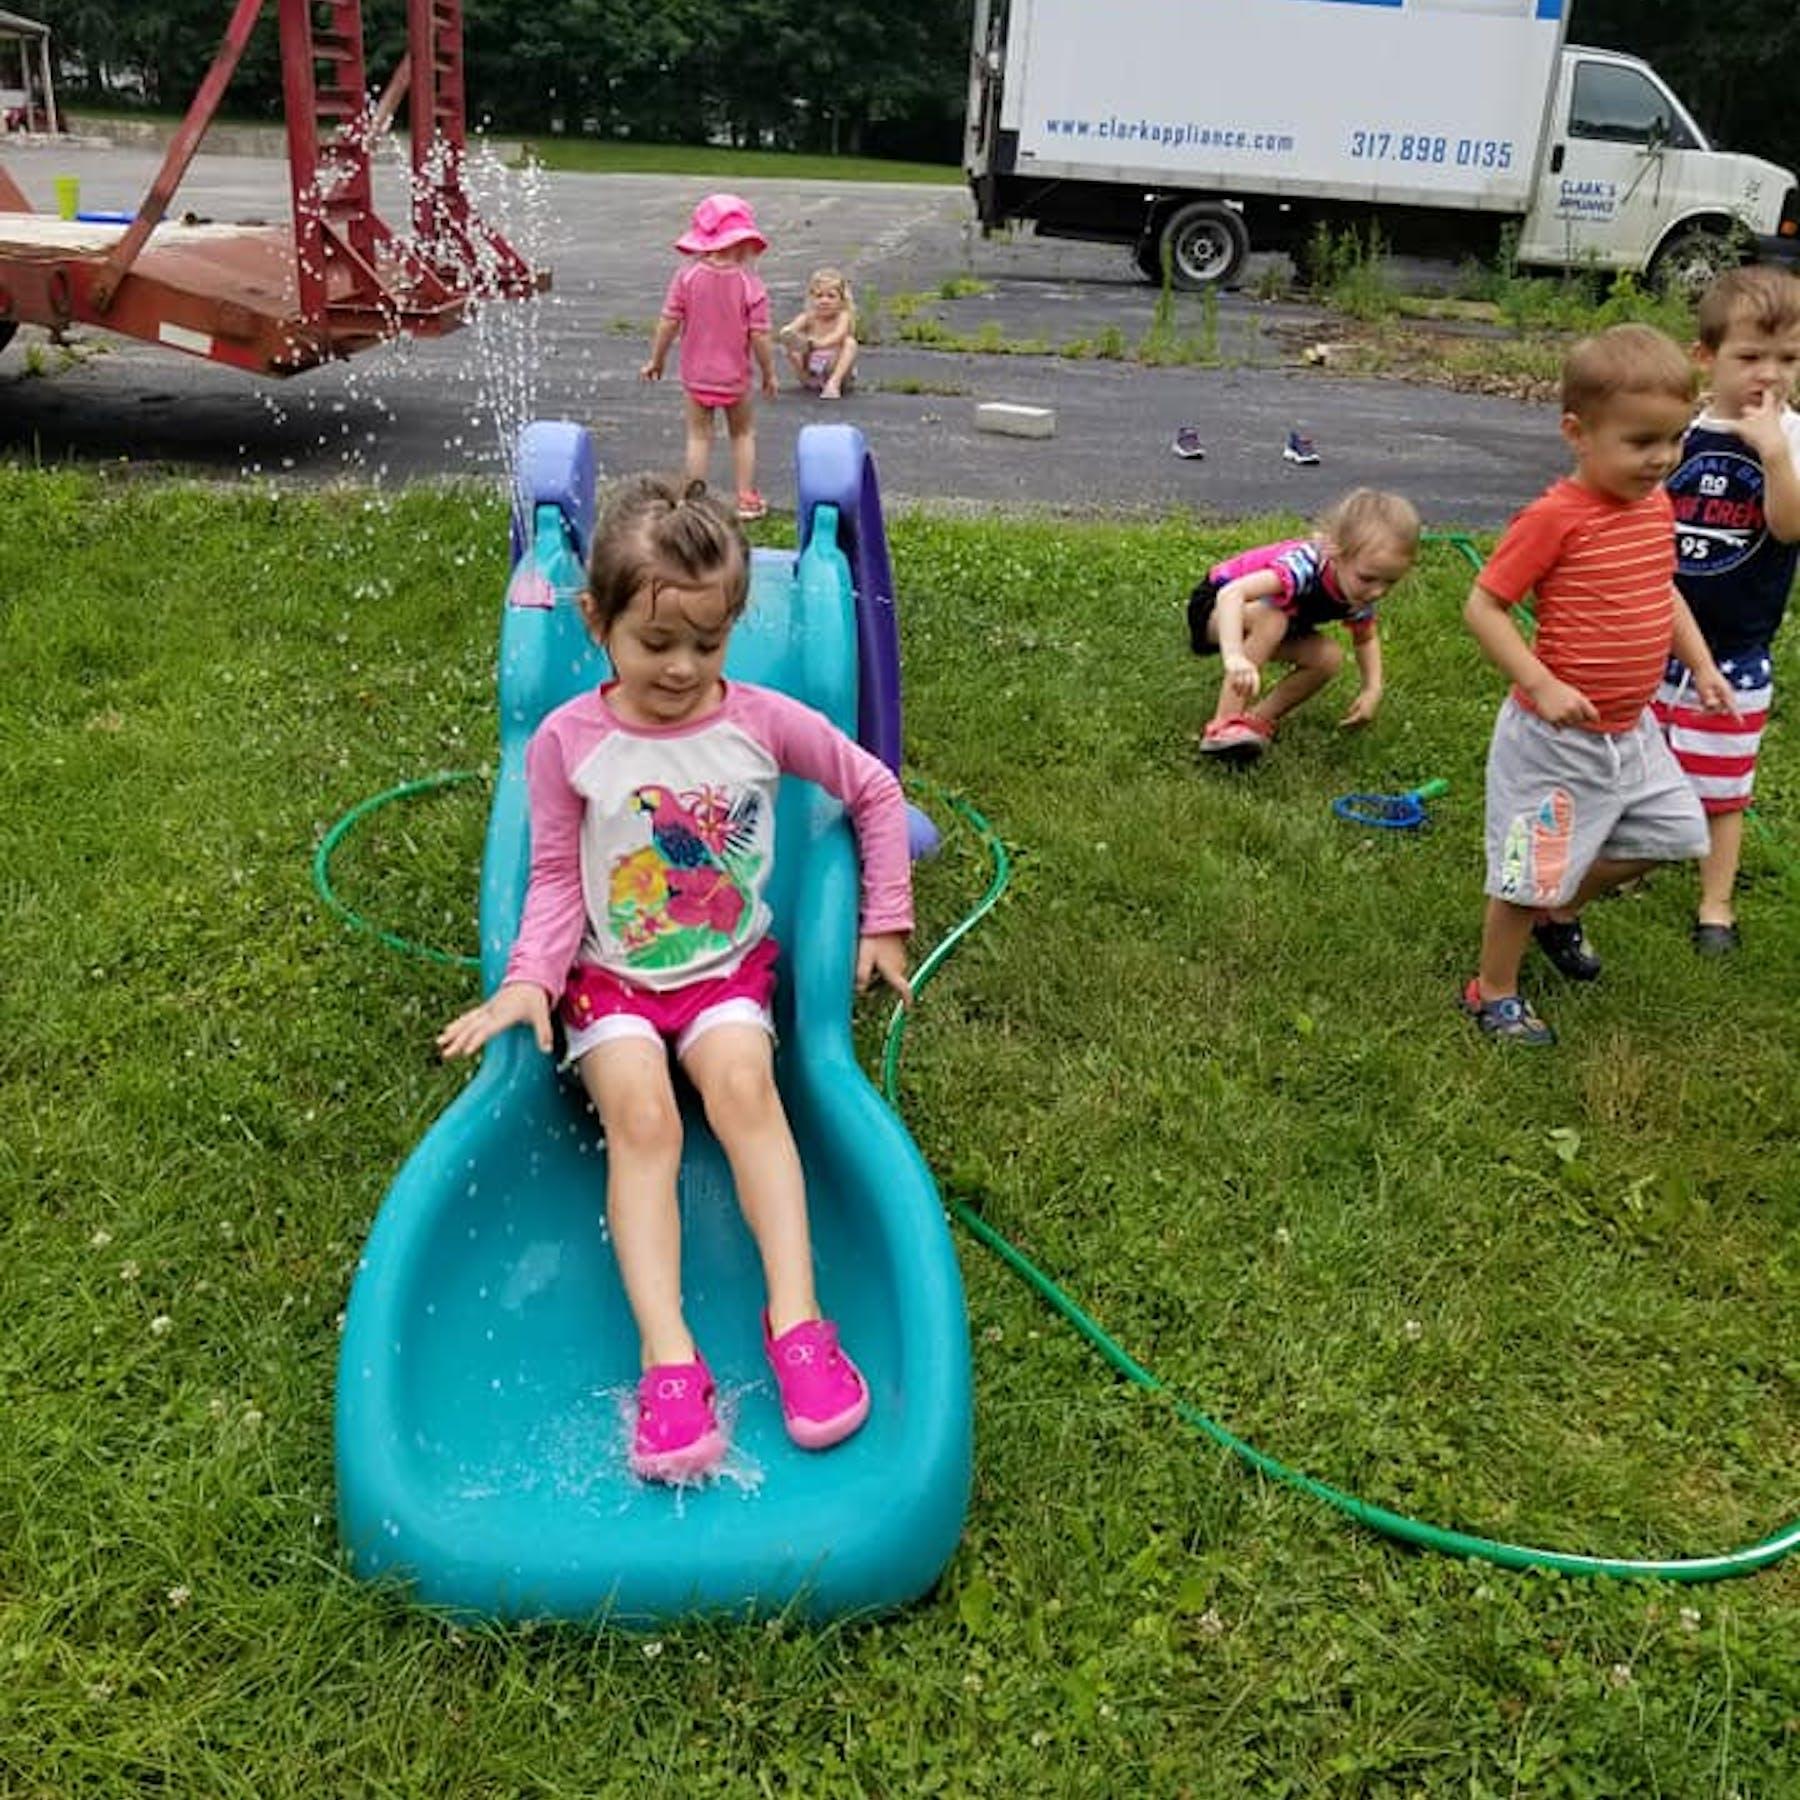 Busy Bulldogs Preschool & Child Care Center - Daycare in ...